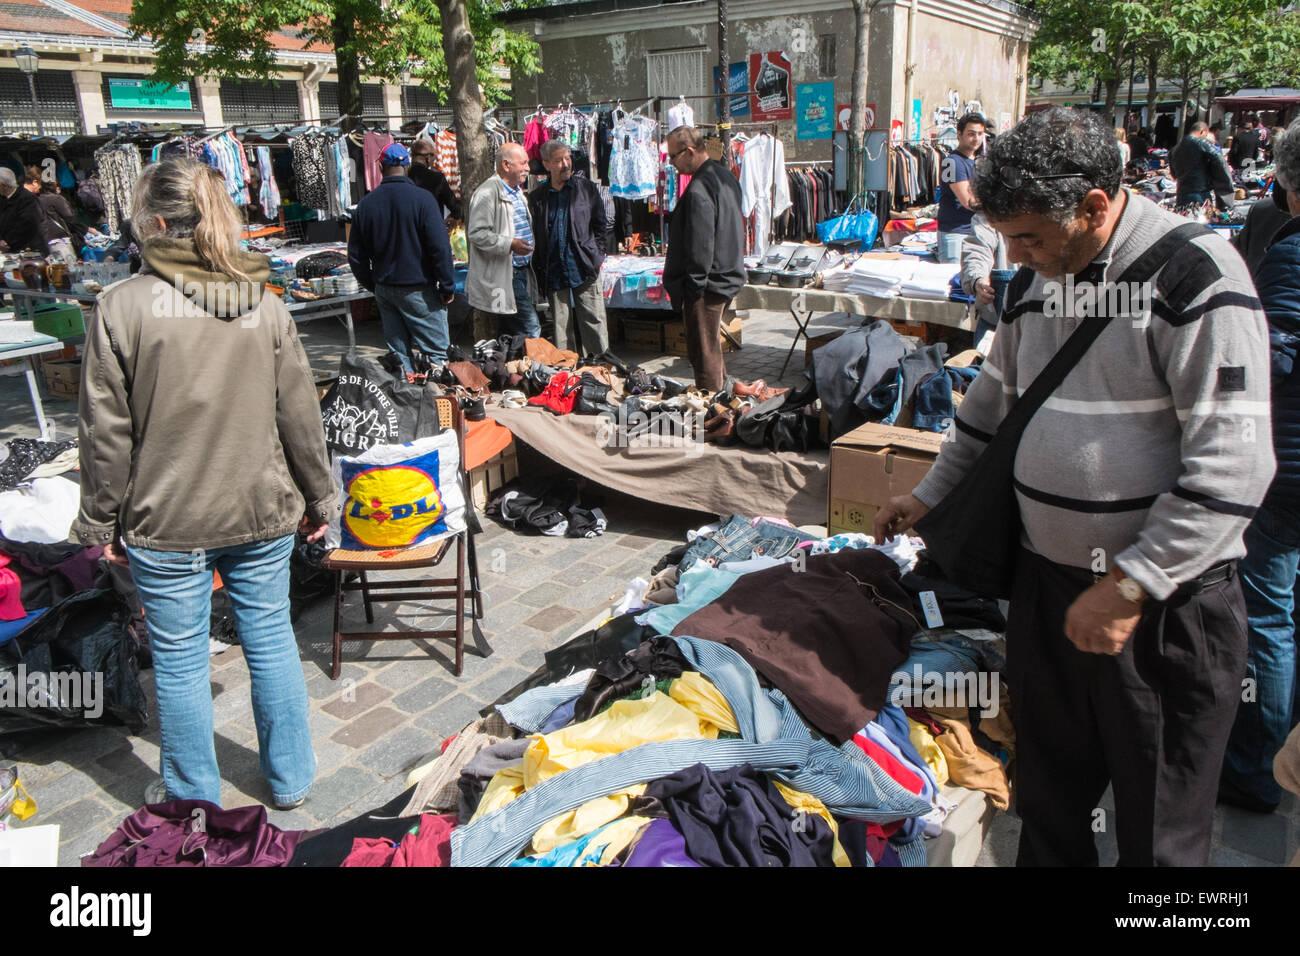 Secondhand goods at flea market,Marche,Place d'Aligre,Paris,France. - Stock Image